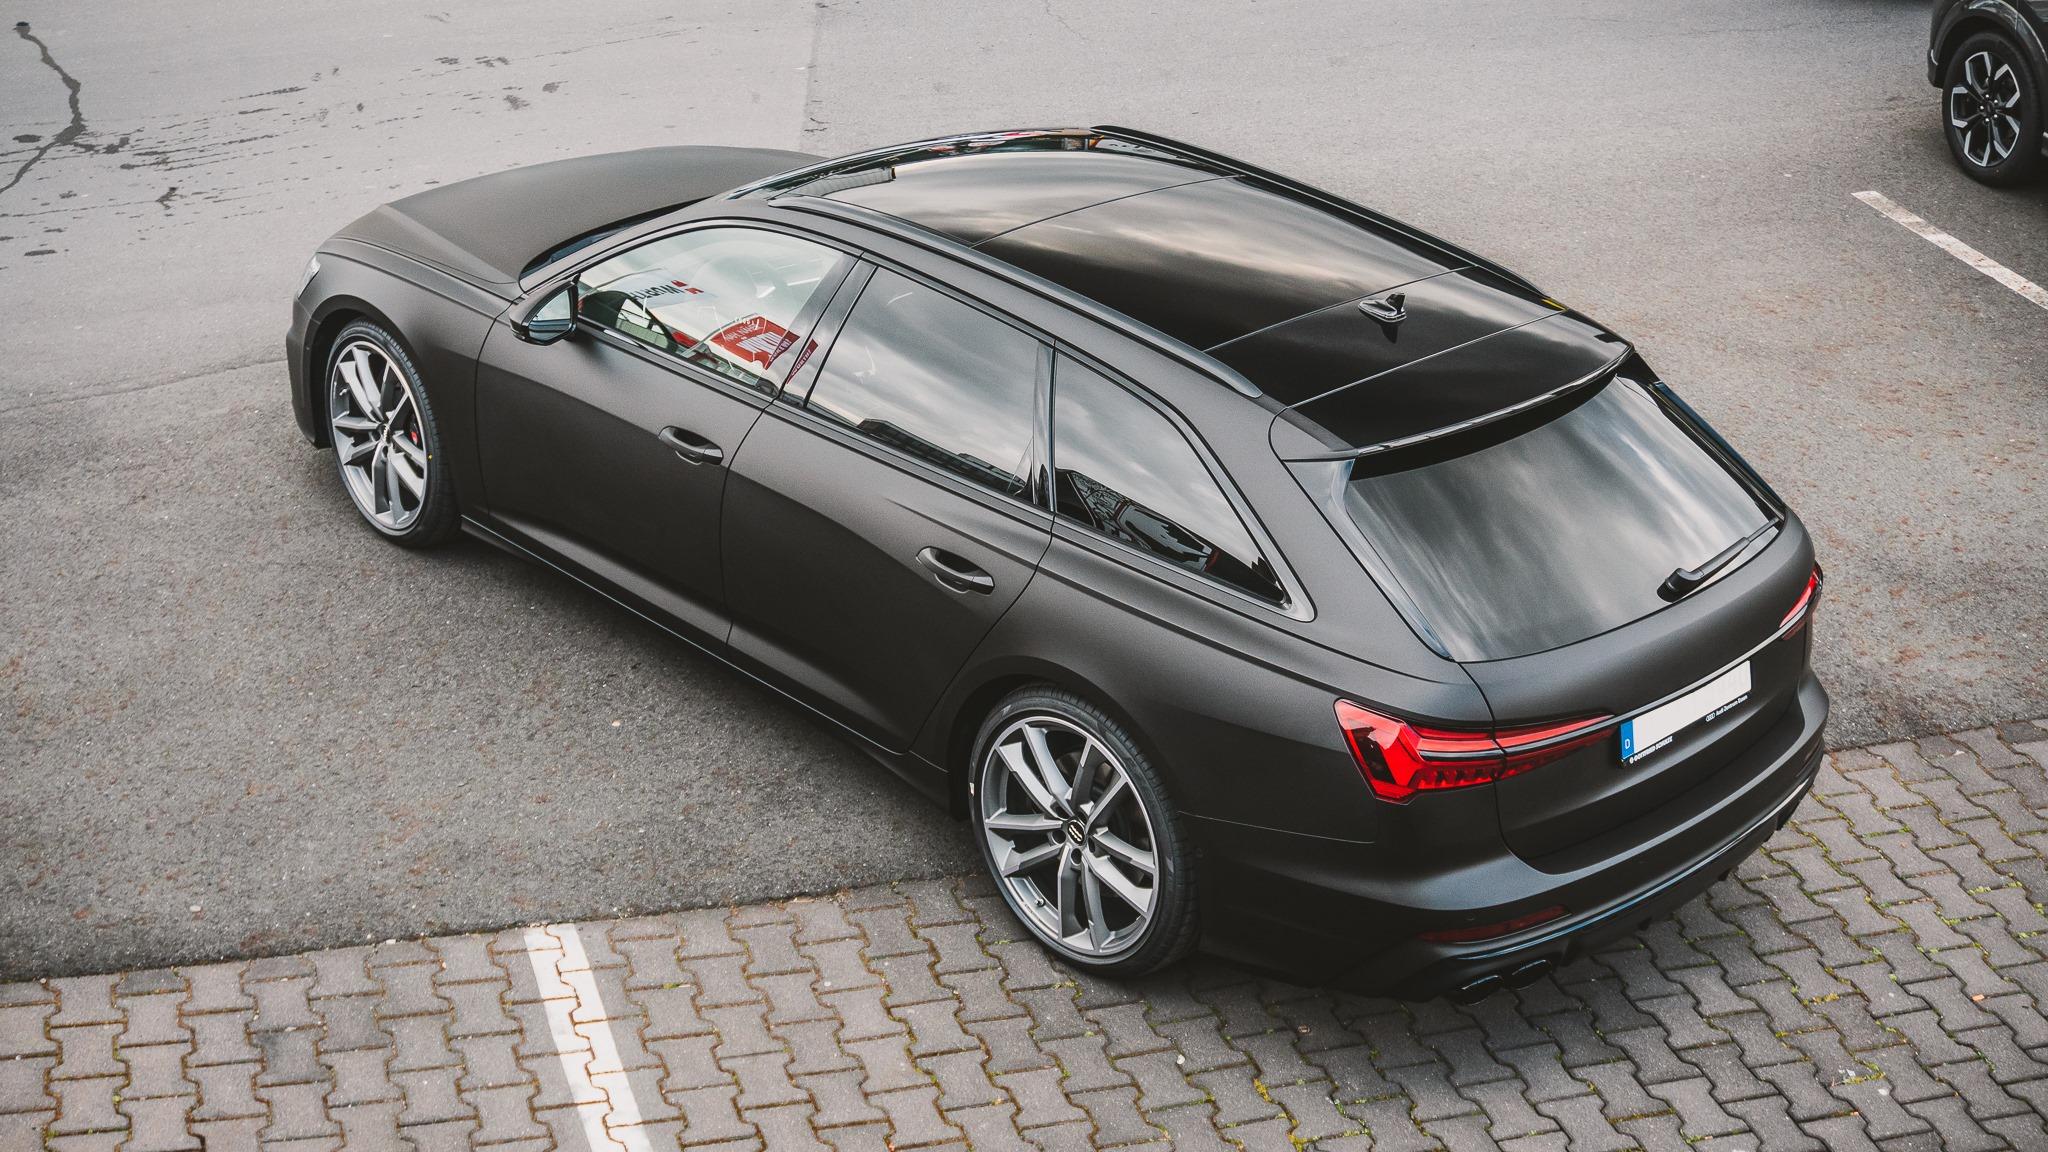 Audi S6 Folierung Folierer Vollfolierung schwarz matt metallic